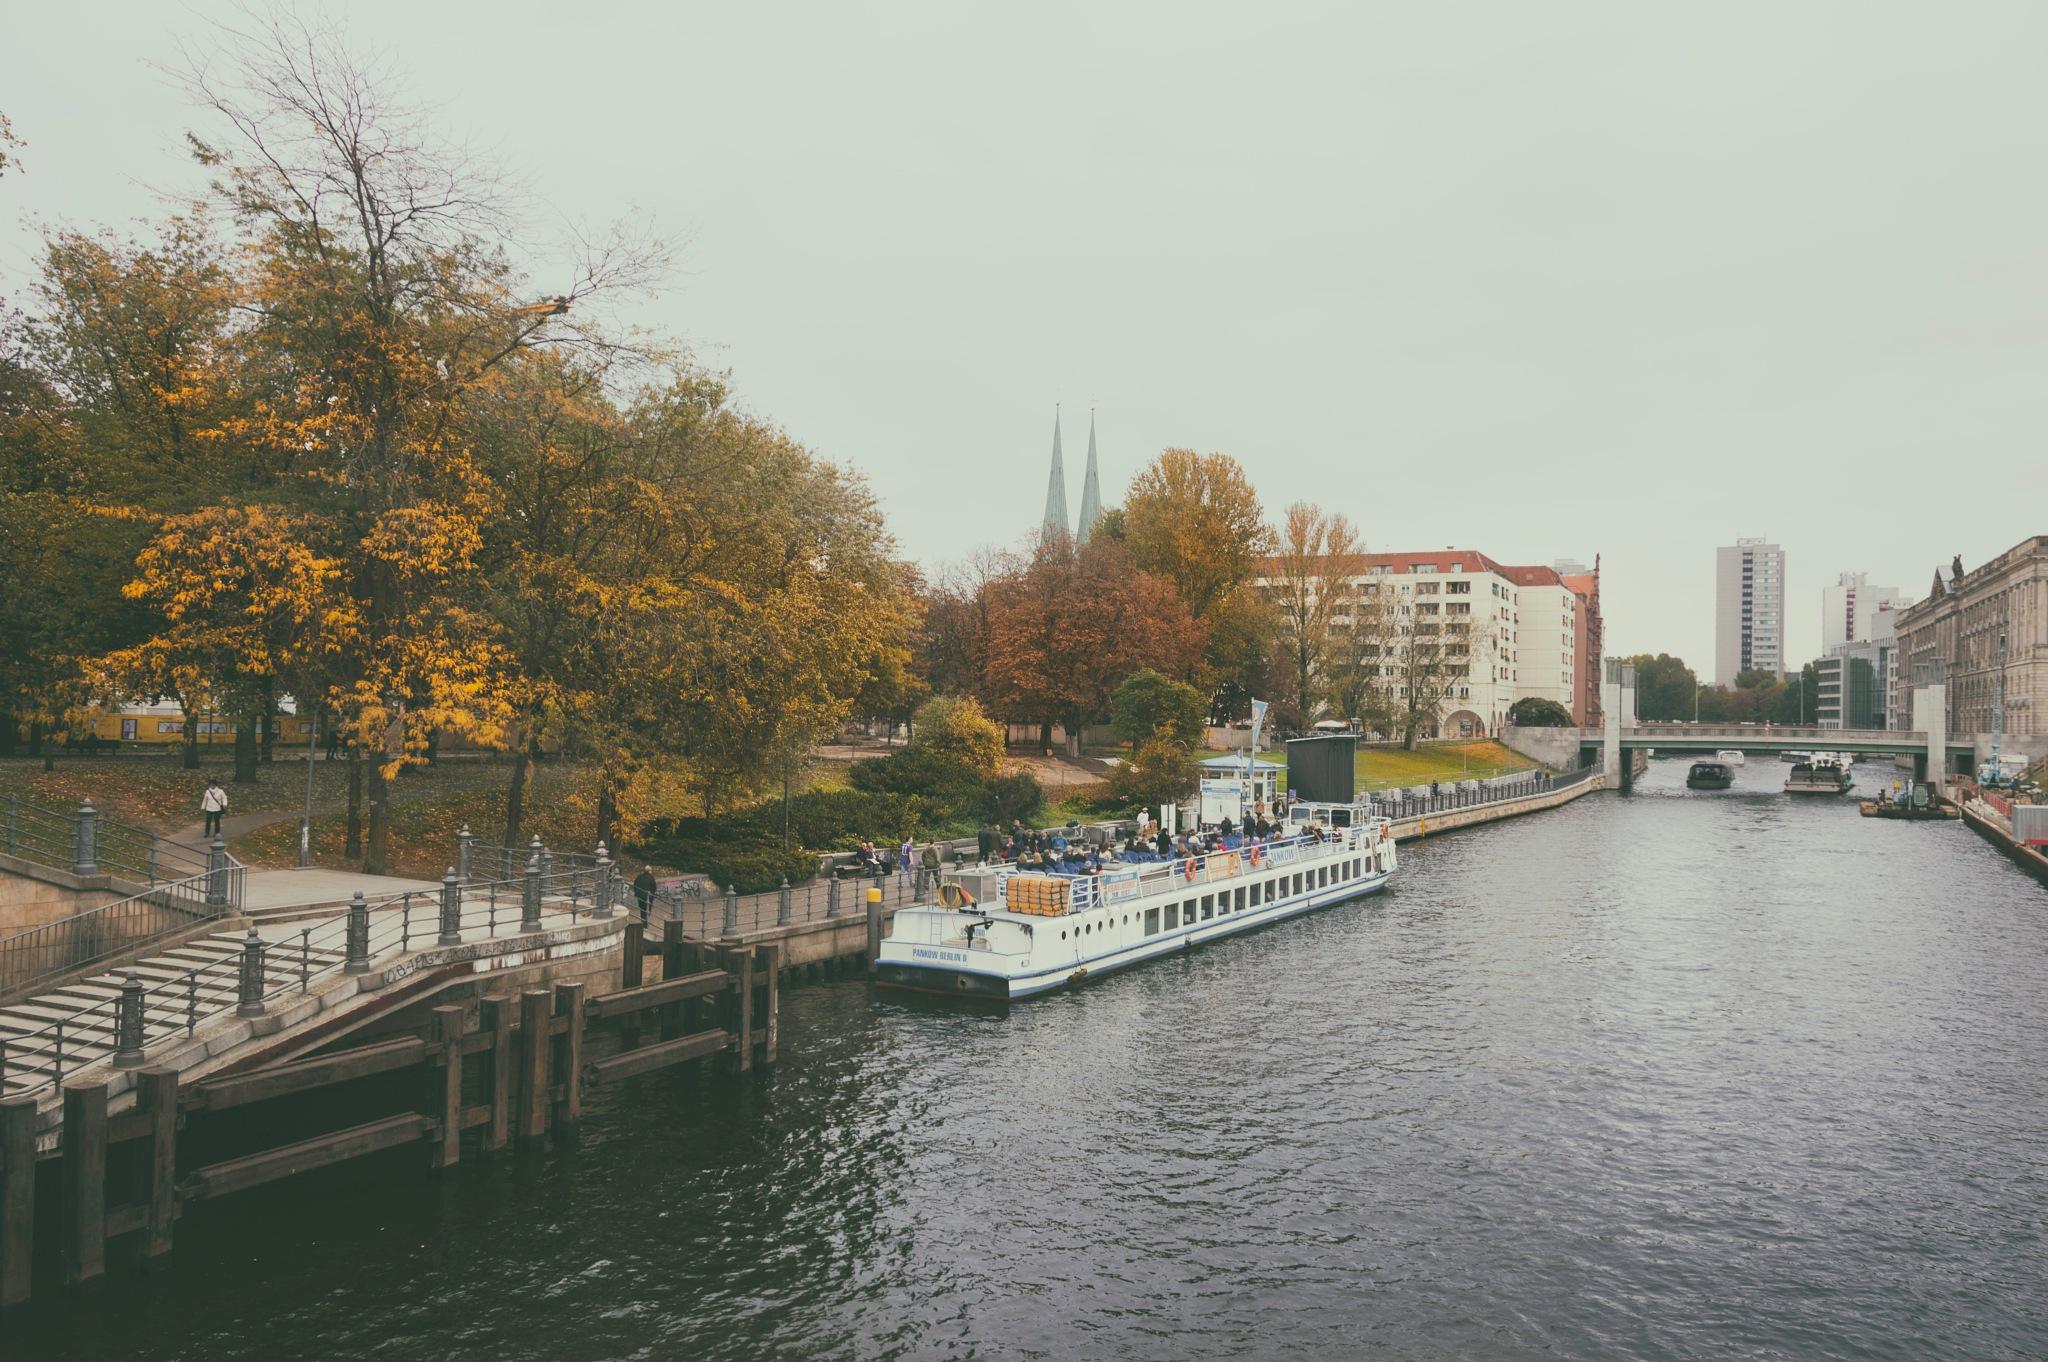 Autumn in Berlin by Ahi Von B